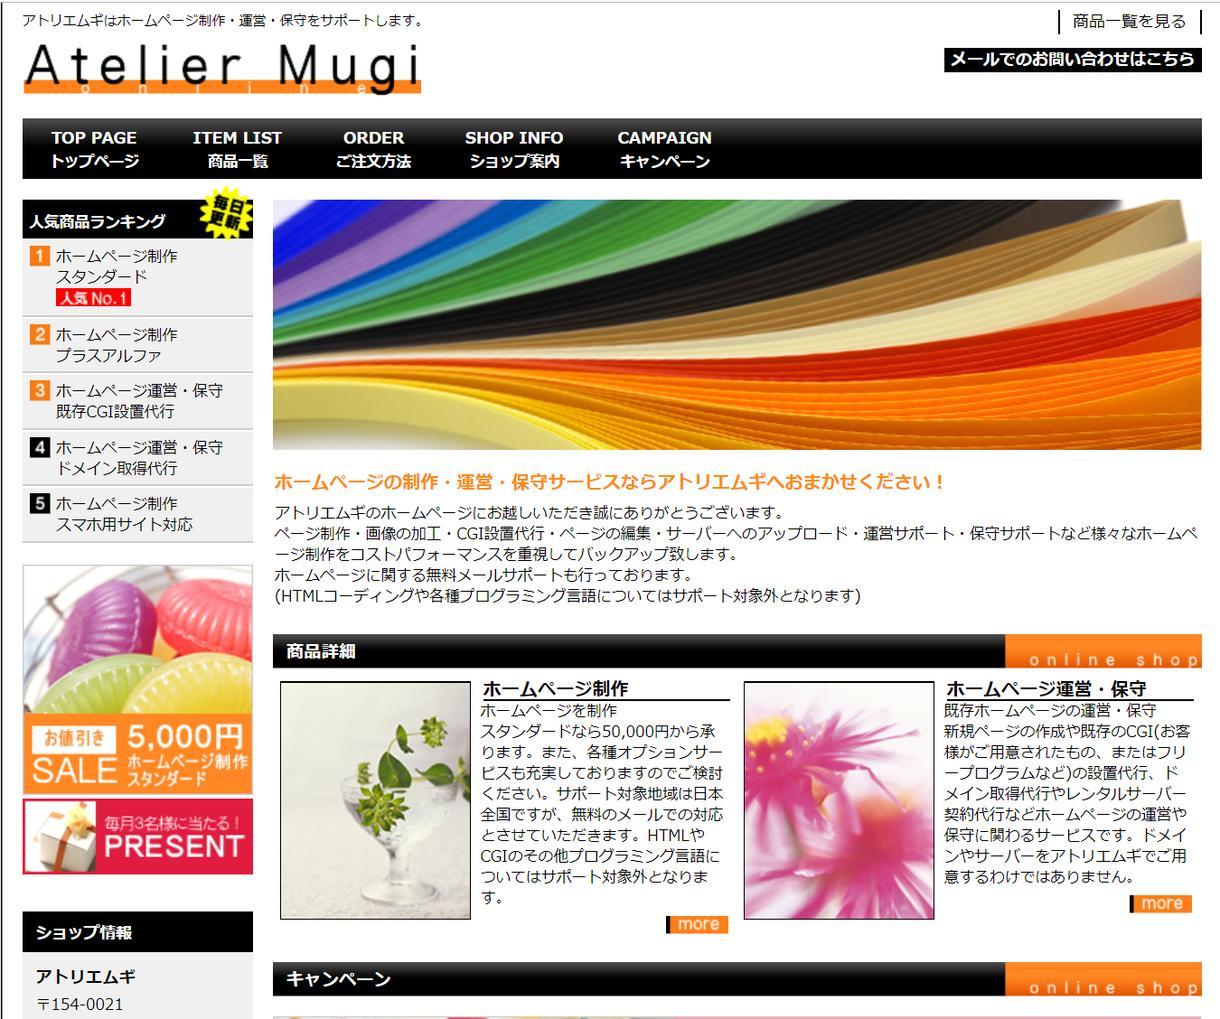 ウェブサイト制作やオプションサービスをご提供します SEOやオリジナルを重視したホームページを作ろう! イメージ1